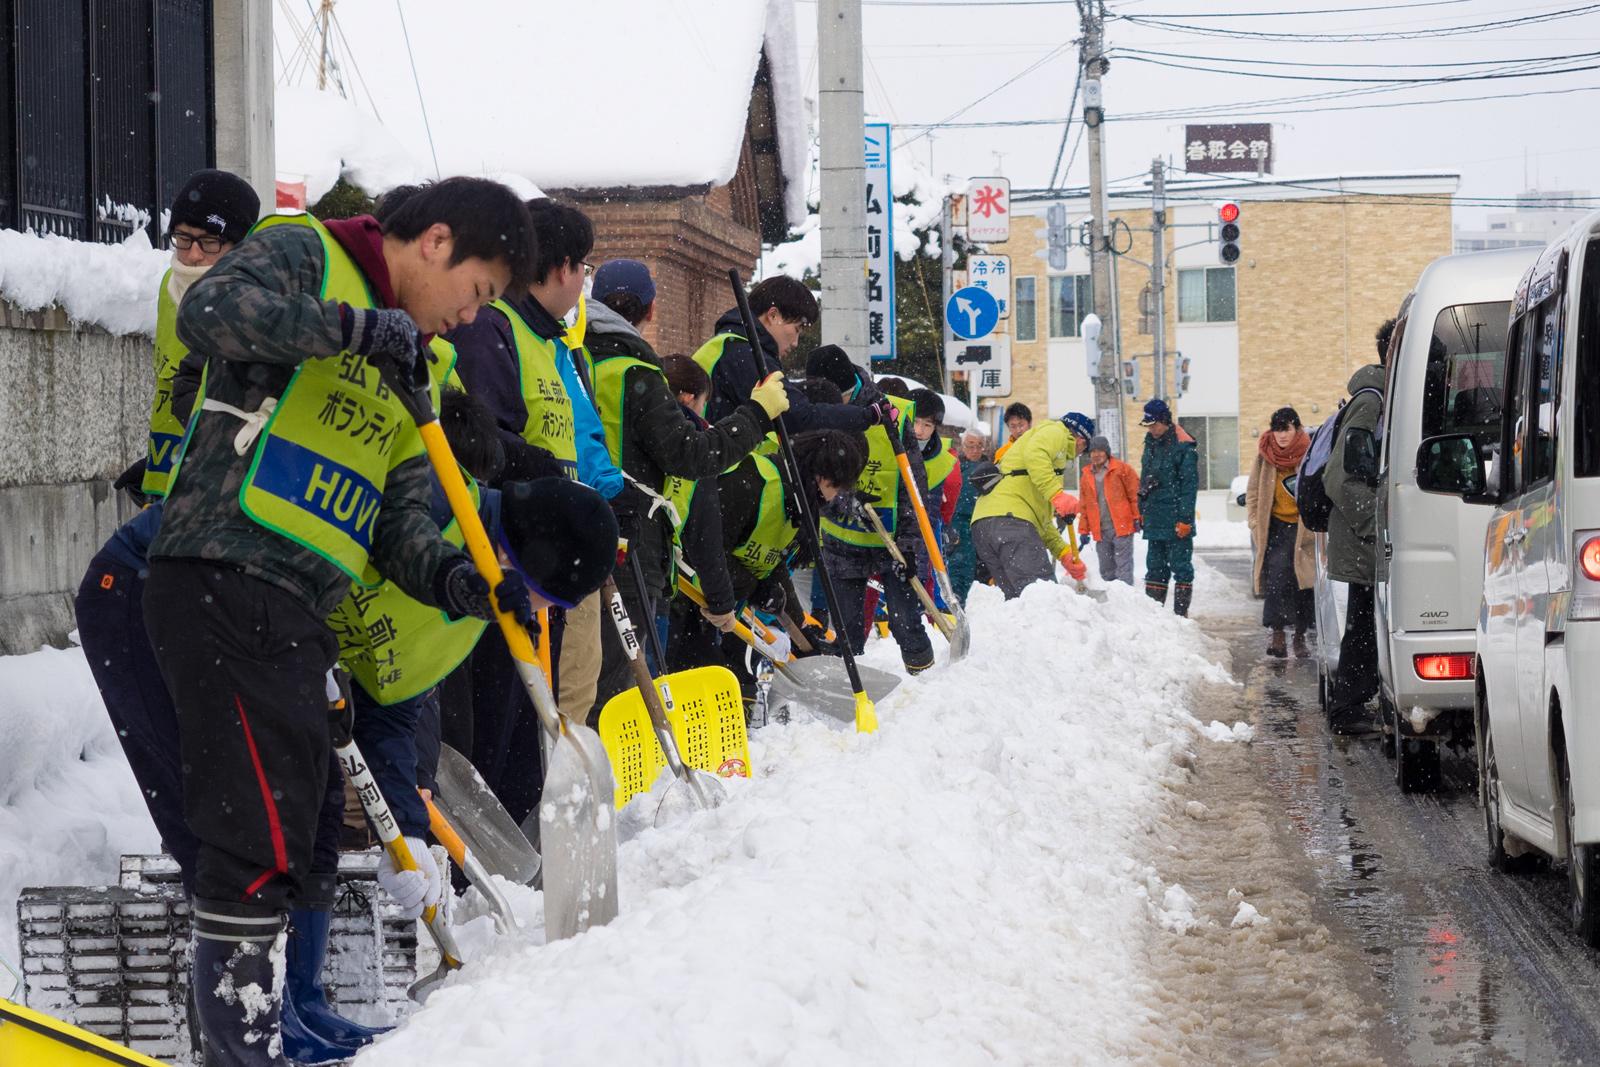 弘前大学の学生や市民が集まり除雪作業